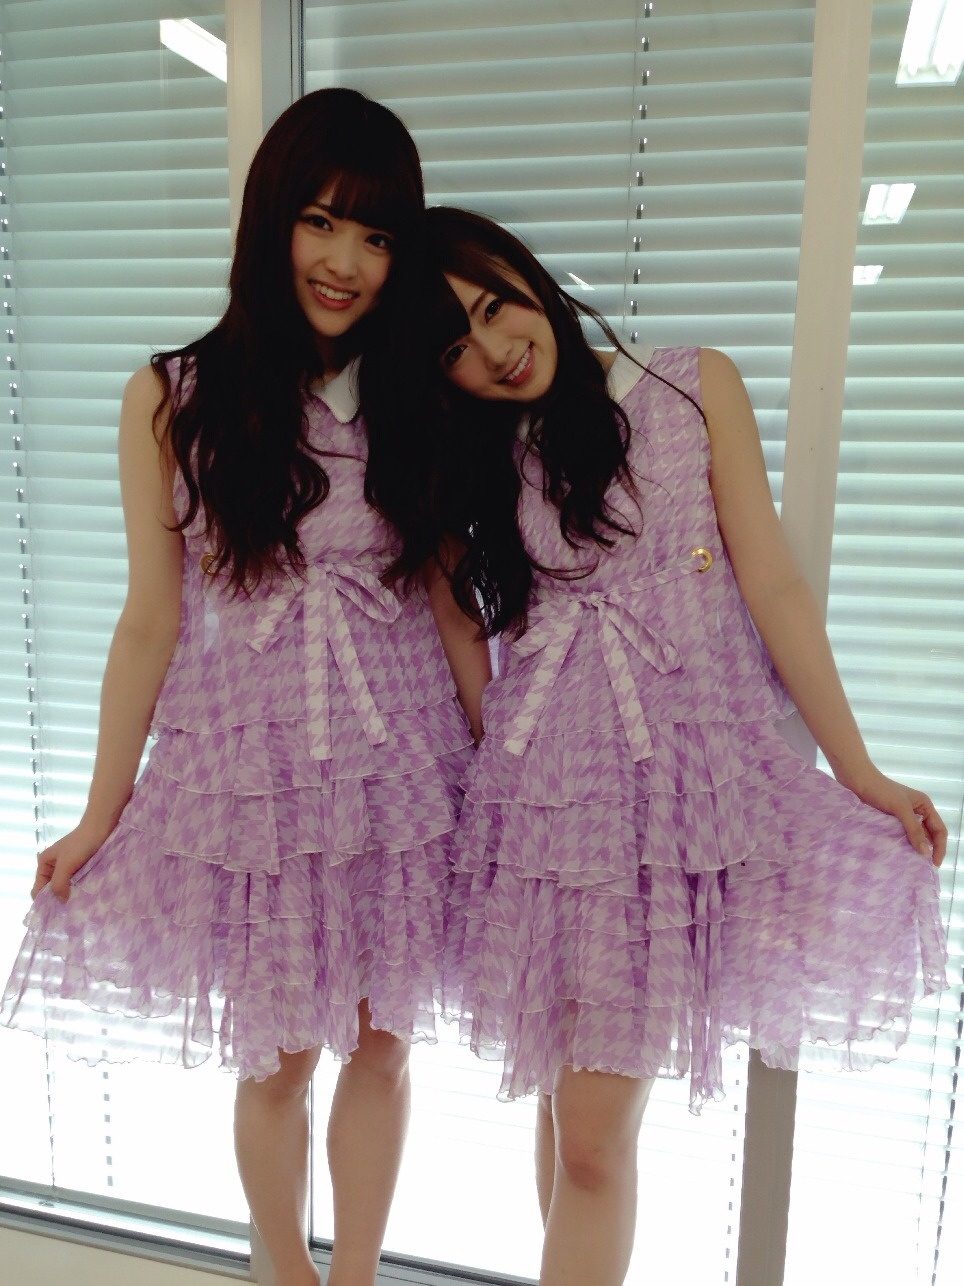 乃木坂46松村沙友理さんと白石麻衣さんがベストカップルといわれる由縁は……!?